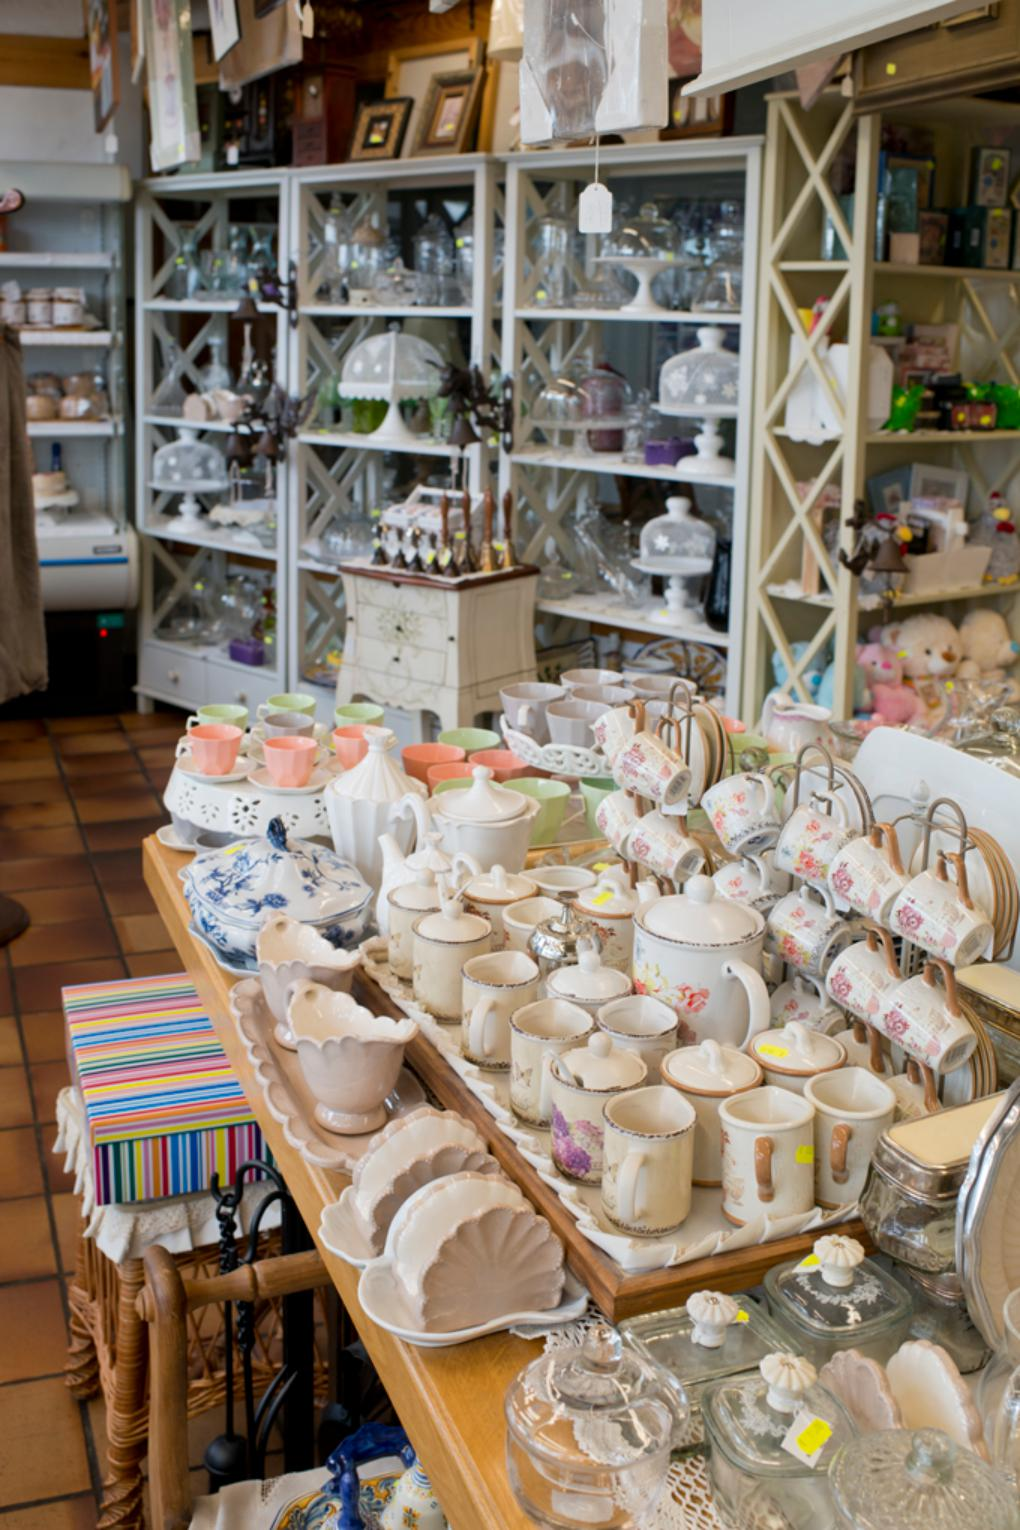 Mantillas, vajillas, utensilios de cocina... casi de todo se puede encontrar en esta coqueta tienda.